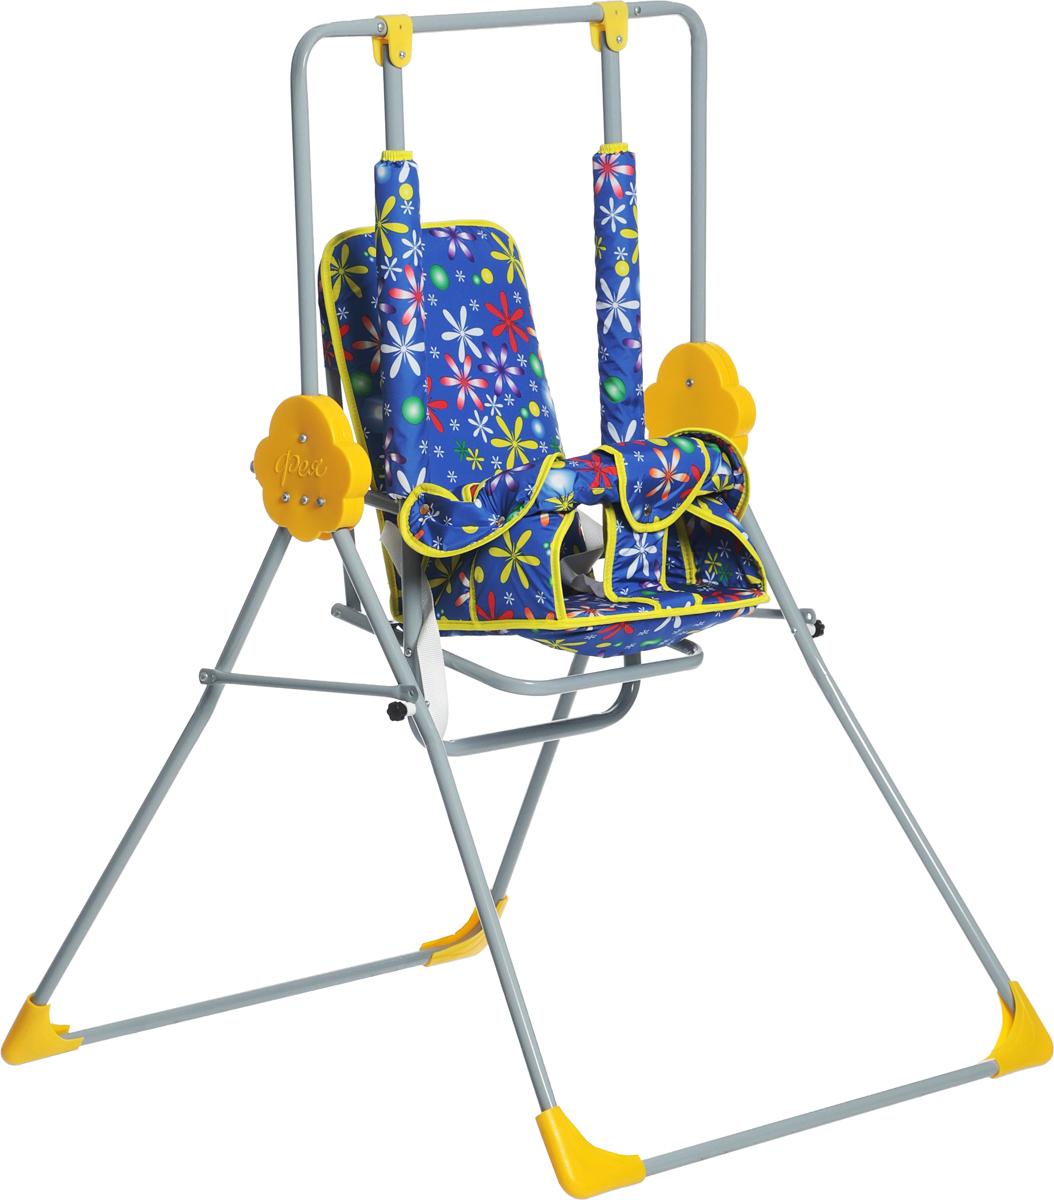 Фея Качели детские Малыш Цветы цвет синий желтый